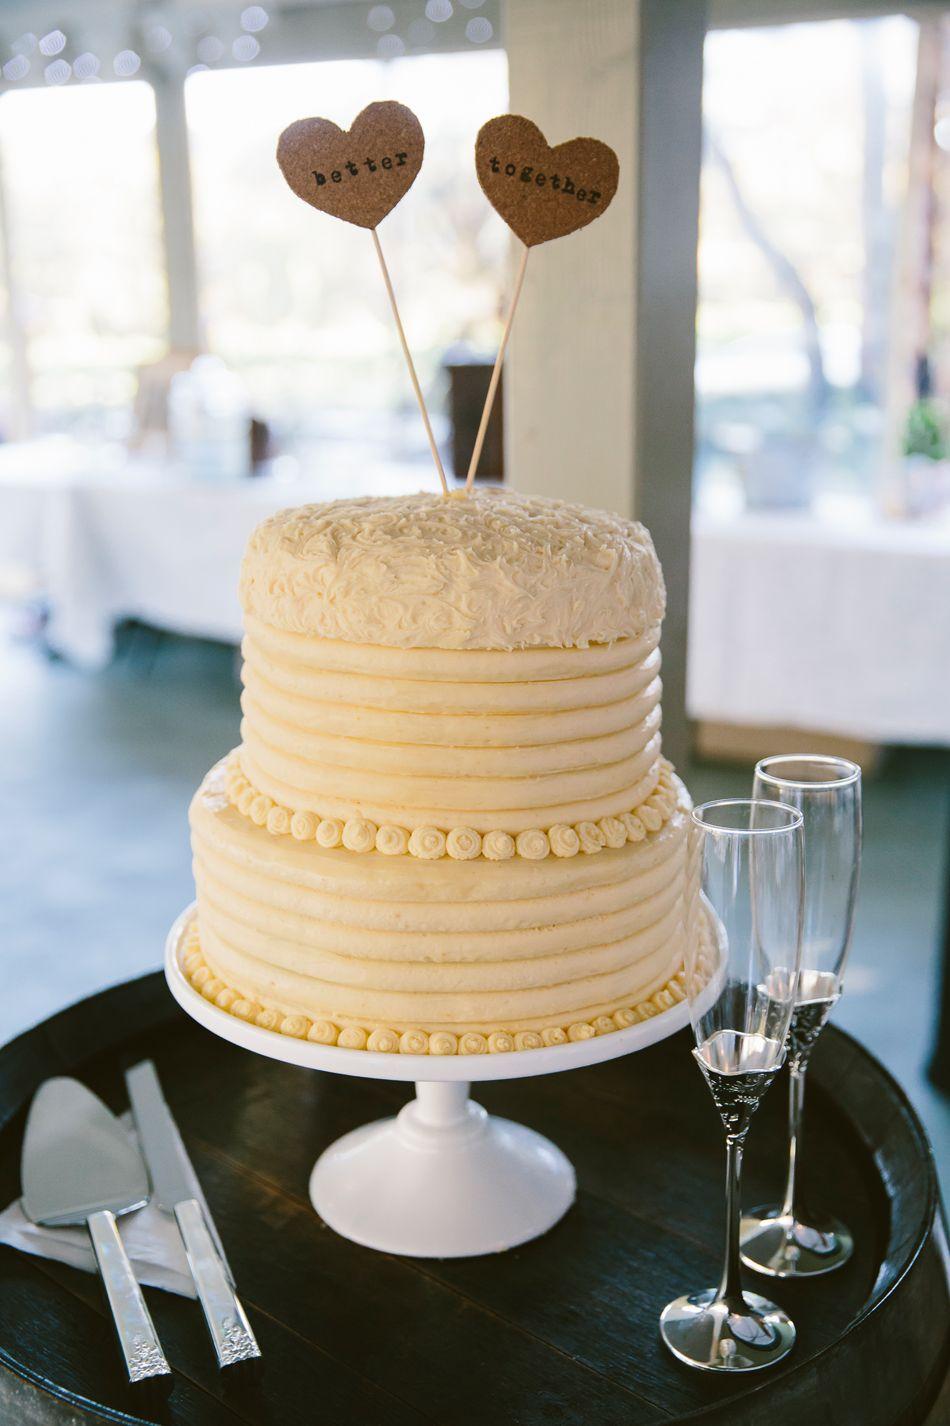 Wedding Cake Photo Inspiration | Pinterest | Wedding cake, Cake and ...